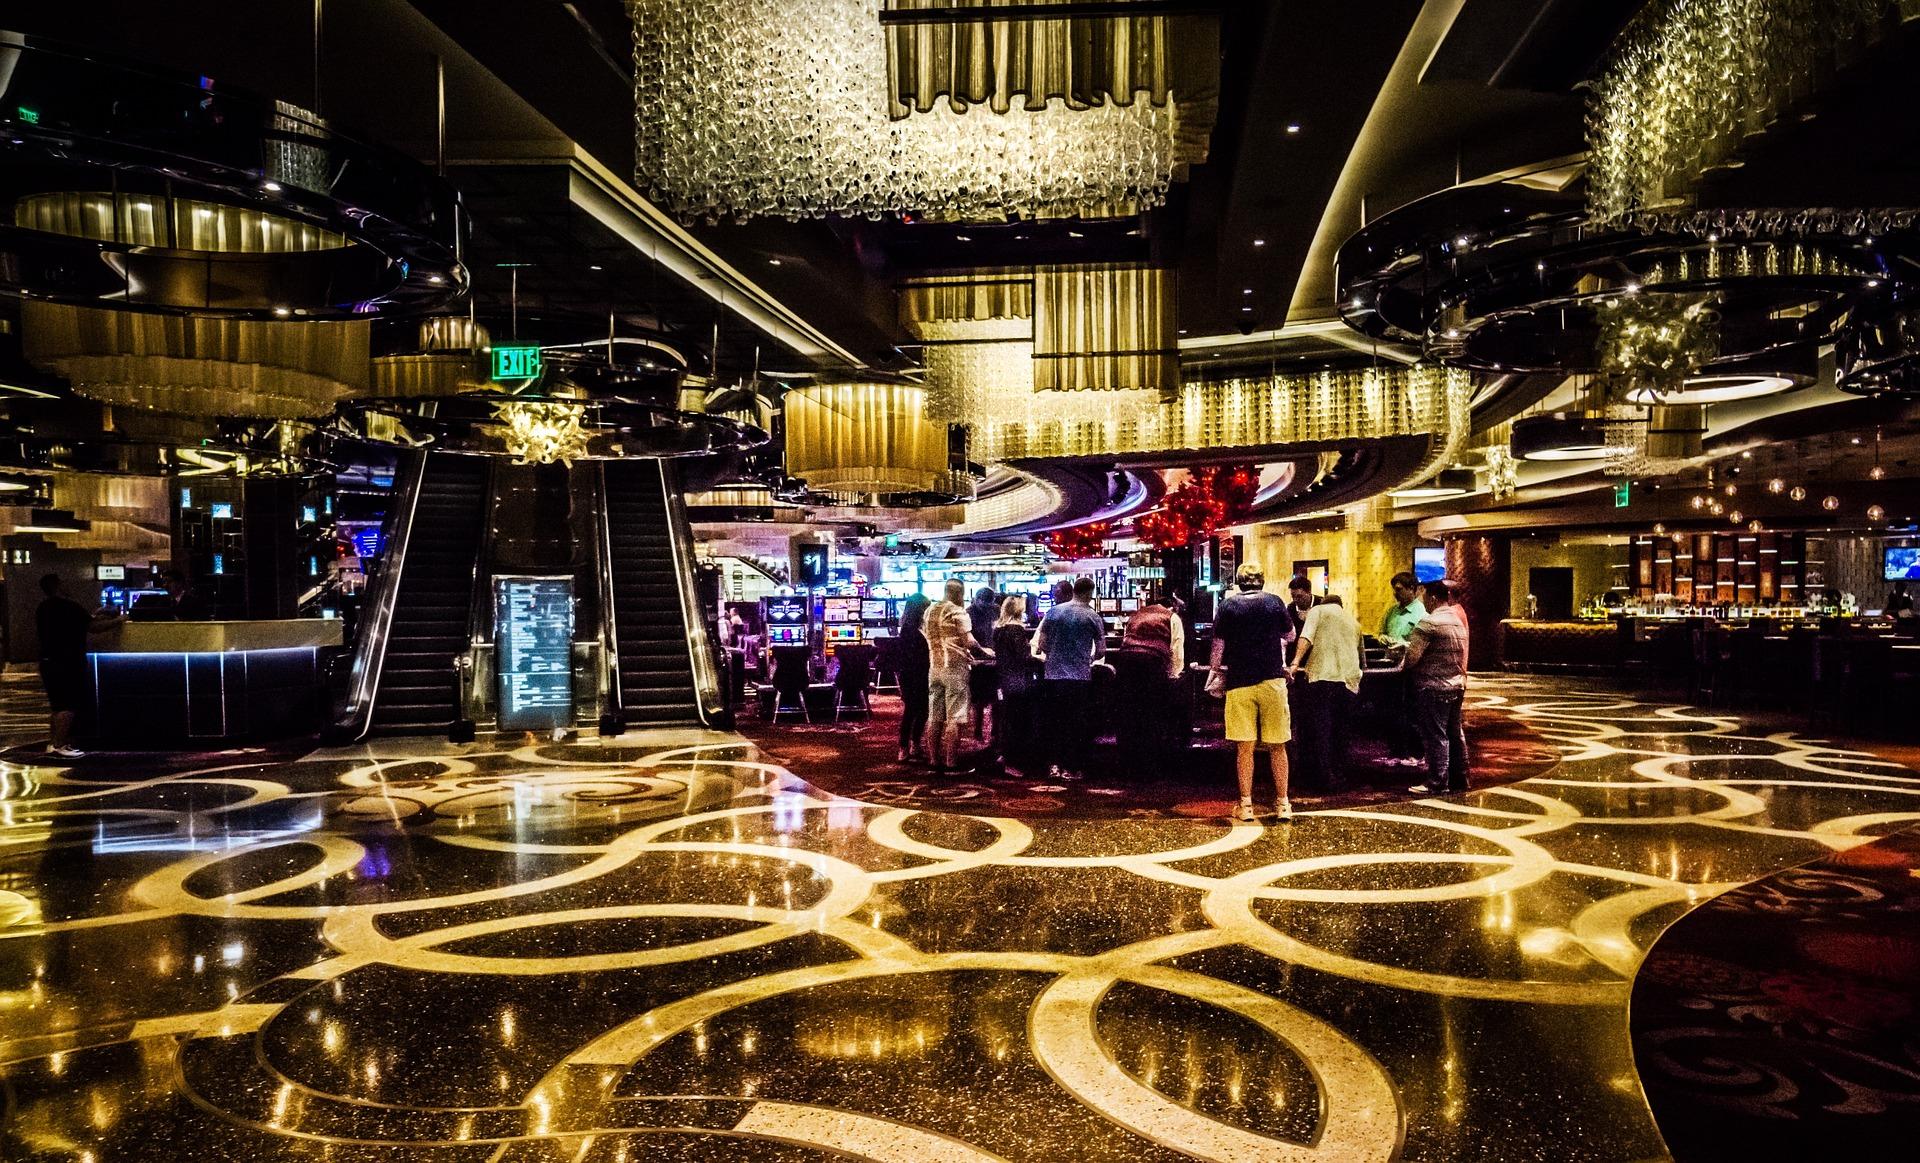 Casino in Las Vegas